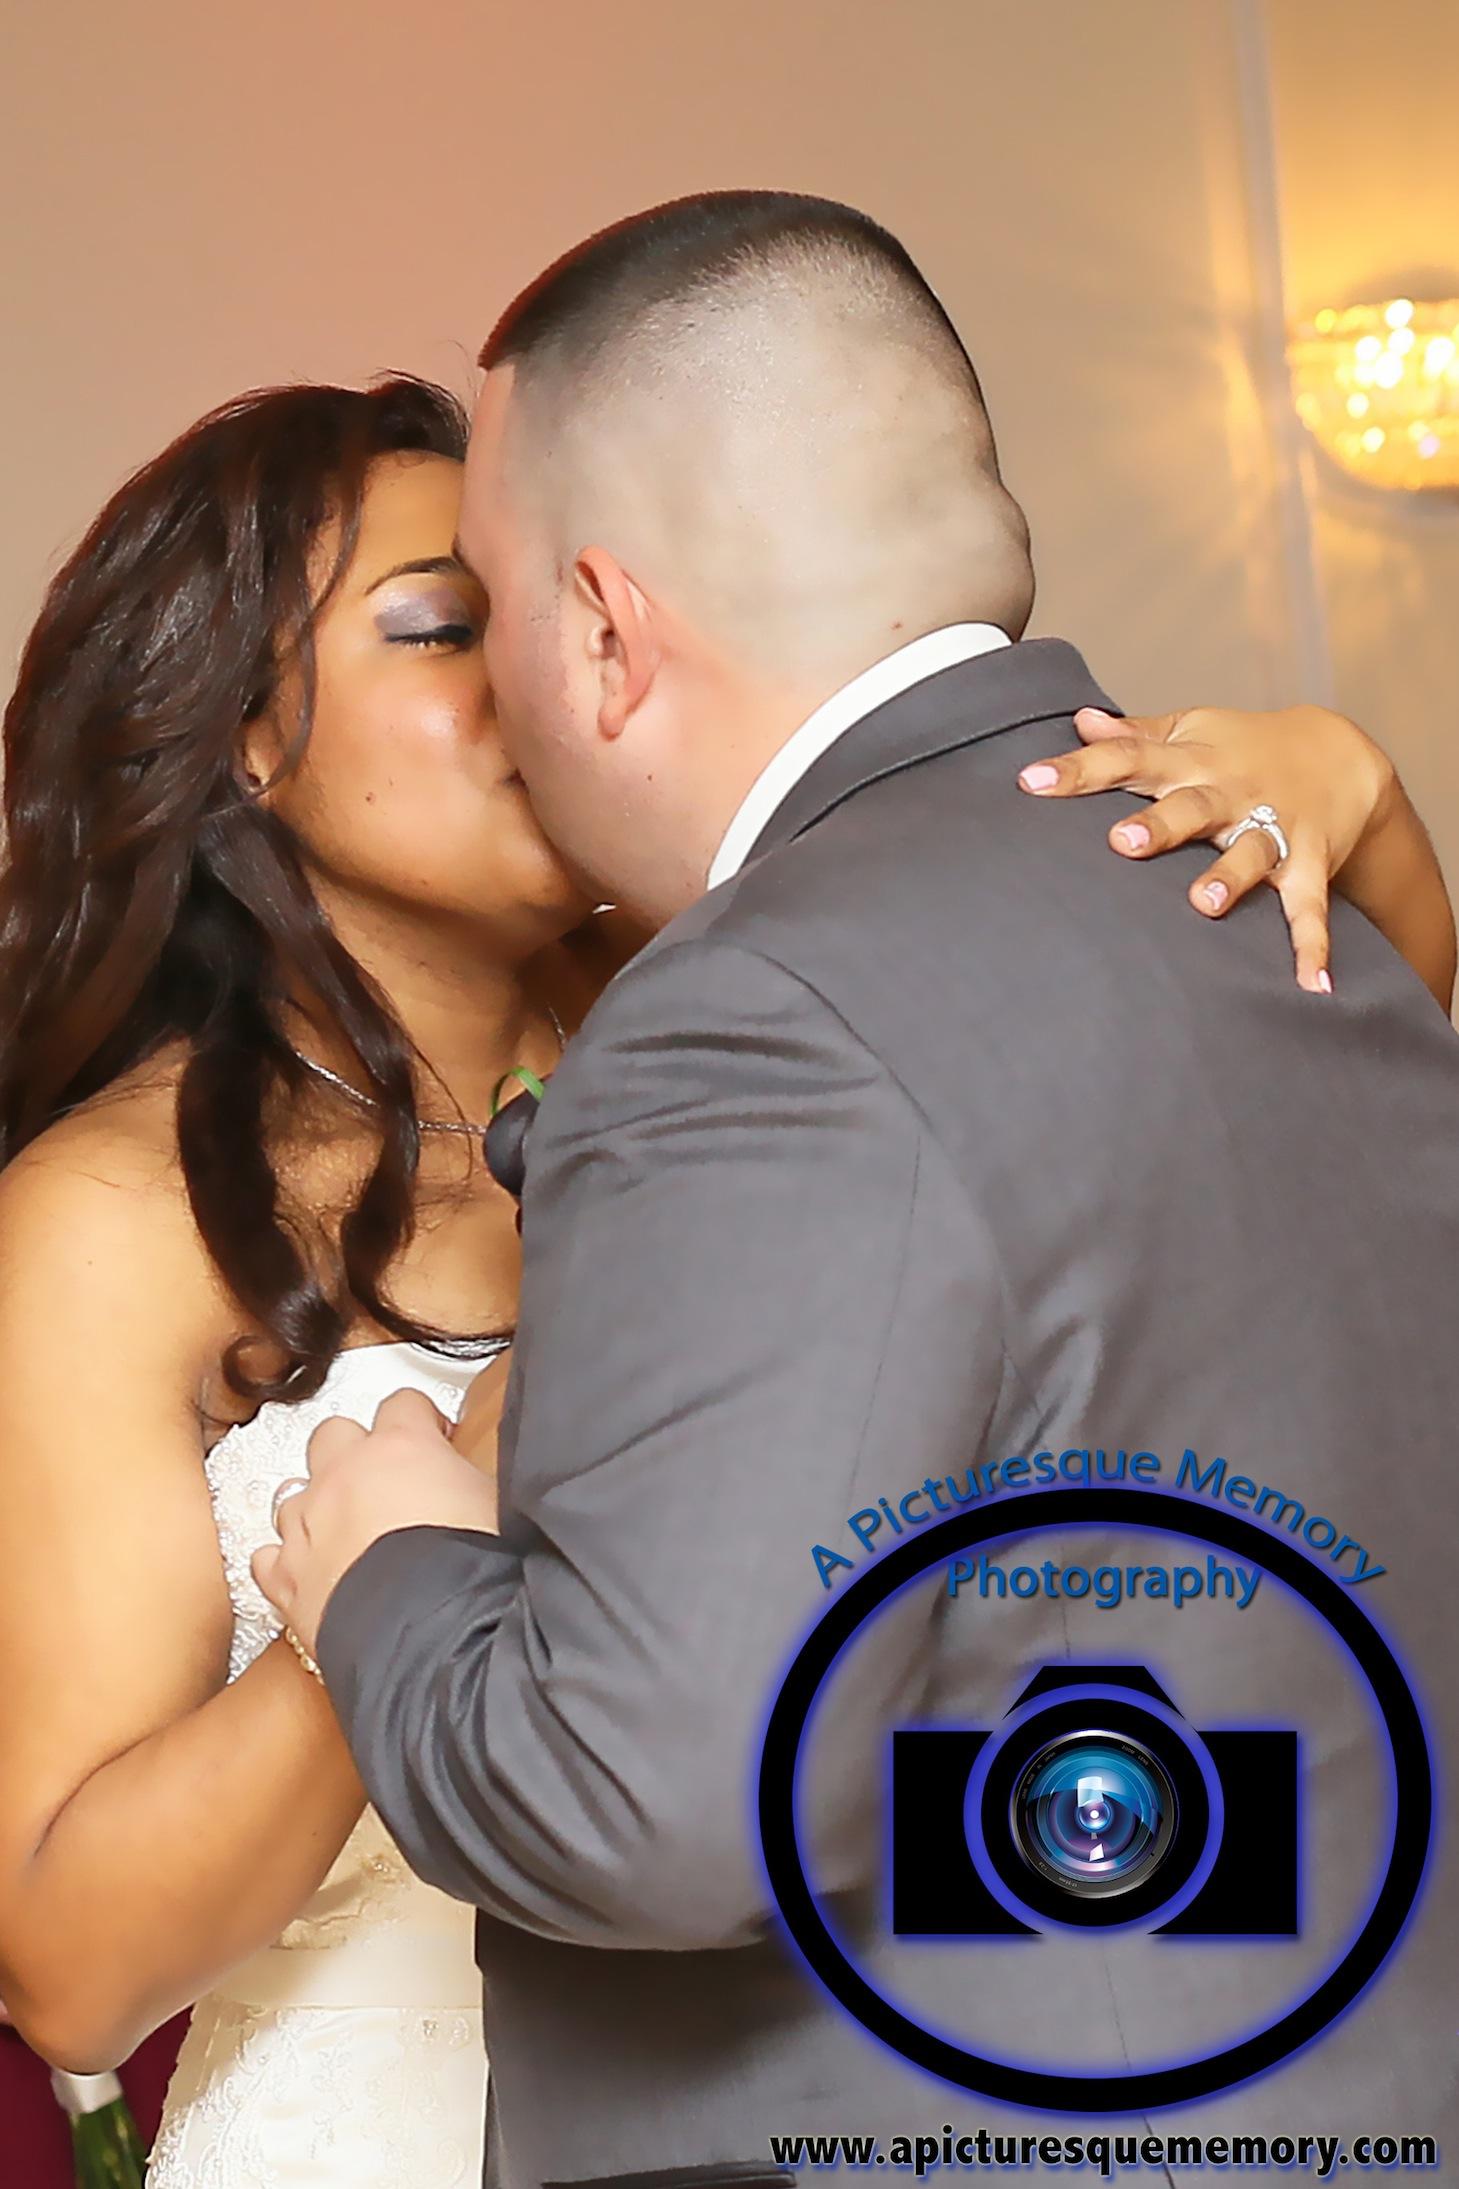 #njwedding, #njweddingphotography, #southbrunswickweddingphotographer#weddingphotos, #apicturesquememoryphotography, #pierresofsouthbrunswickweddingphotographer, #brideandgroomfirstdance, #brideandgroomkissing